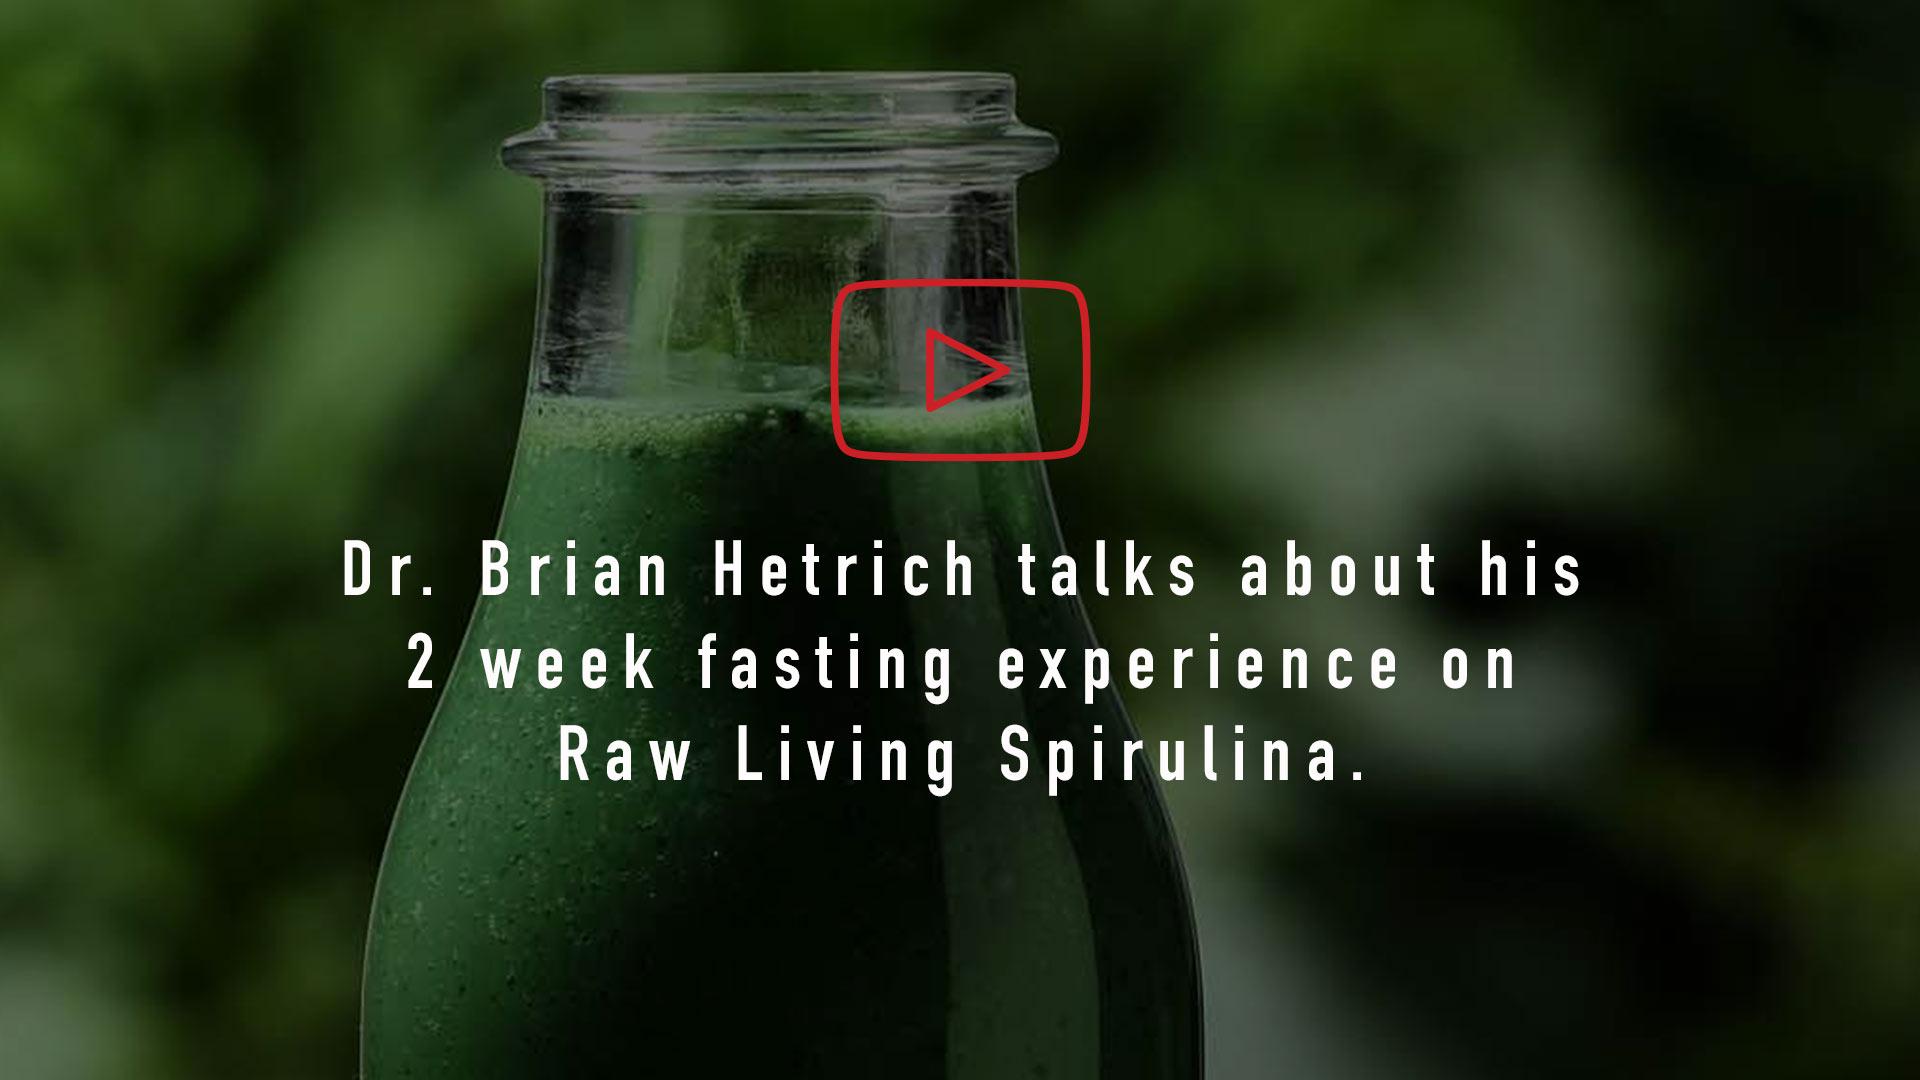 Video by Dr Brian Hetrich on his Fresh Spirulina Diet